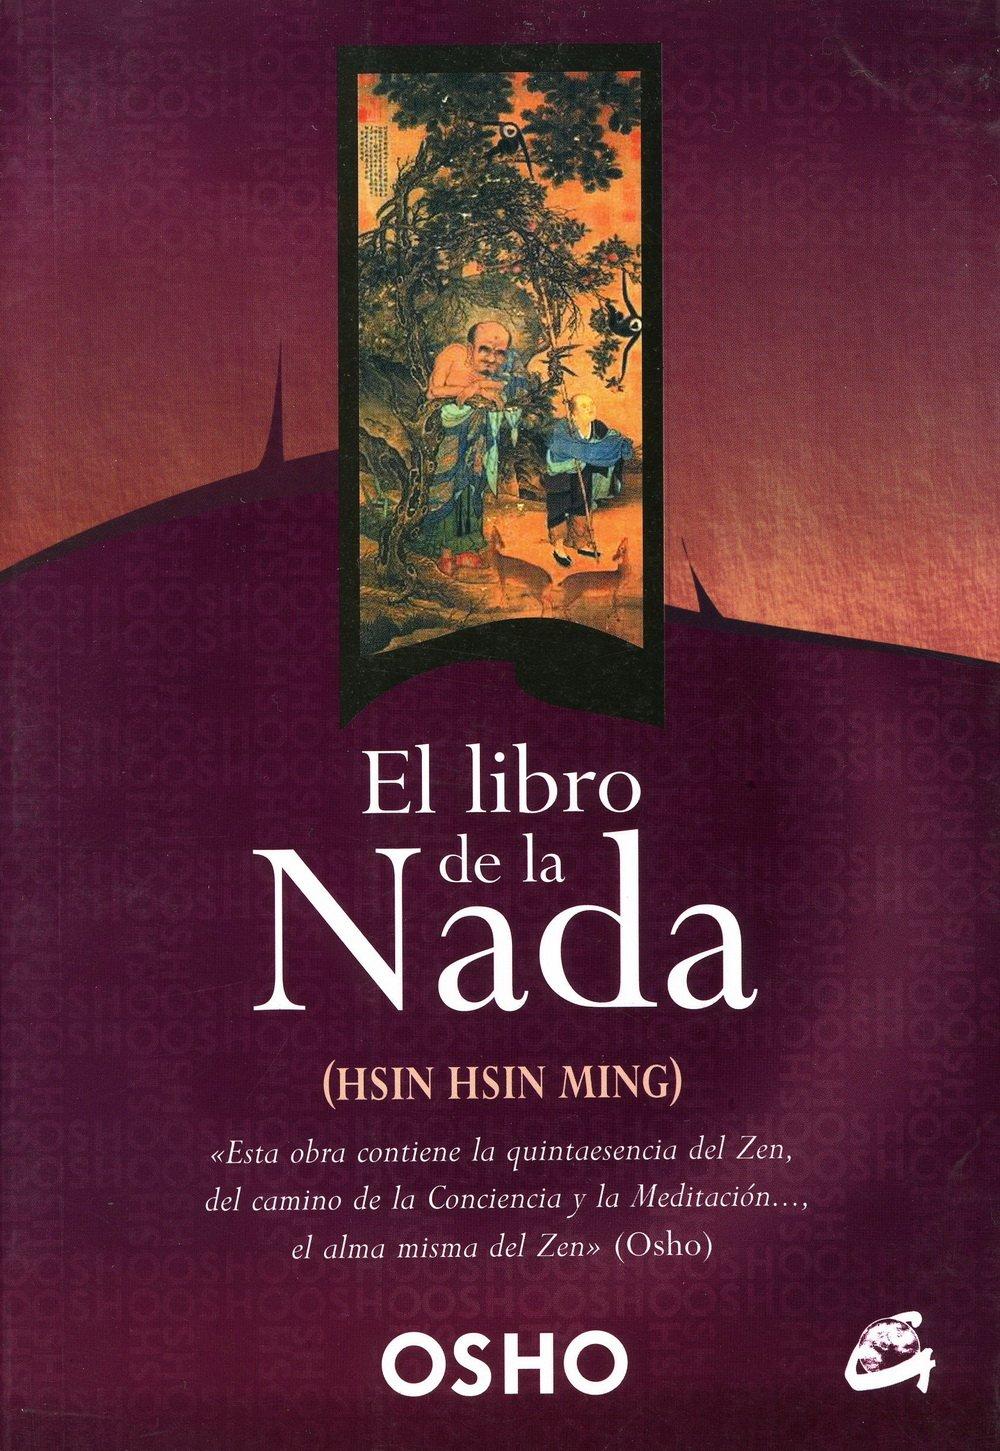 El Libro De La Nada (Perenne) Tapa blanda – 18 sep 2012 Osho Fernando Swami Deva Vicente Swami Samarpán Gaia Ediciones